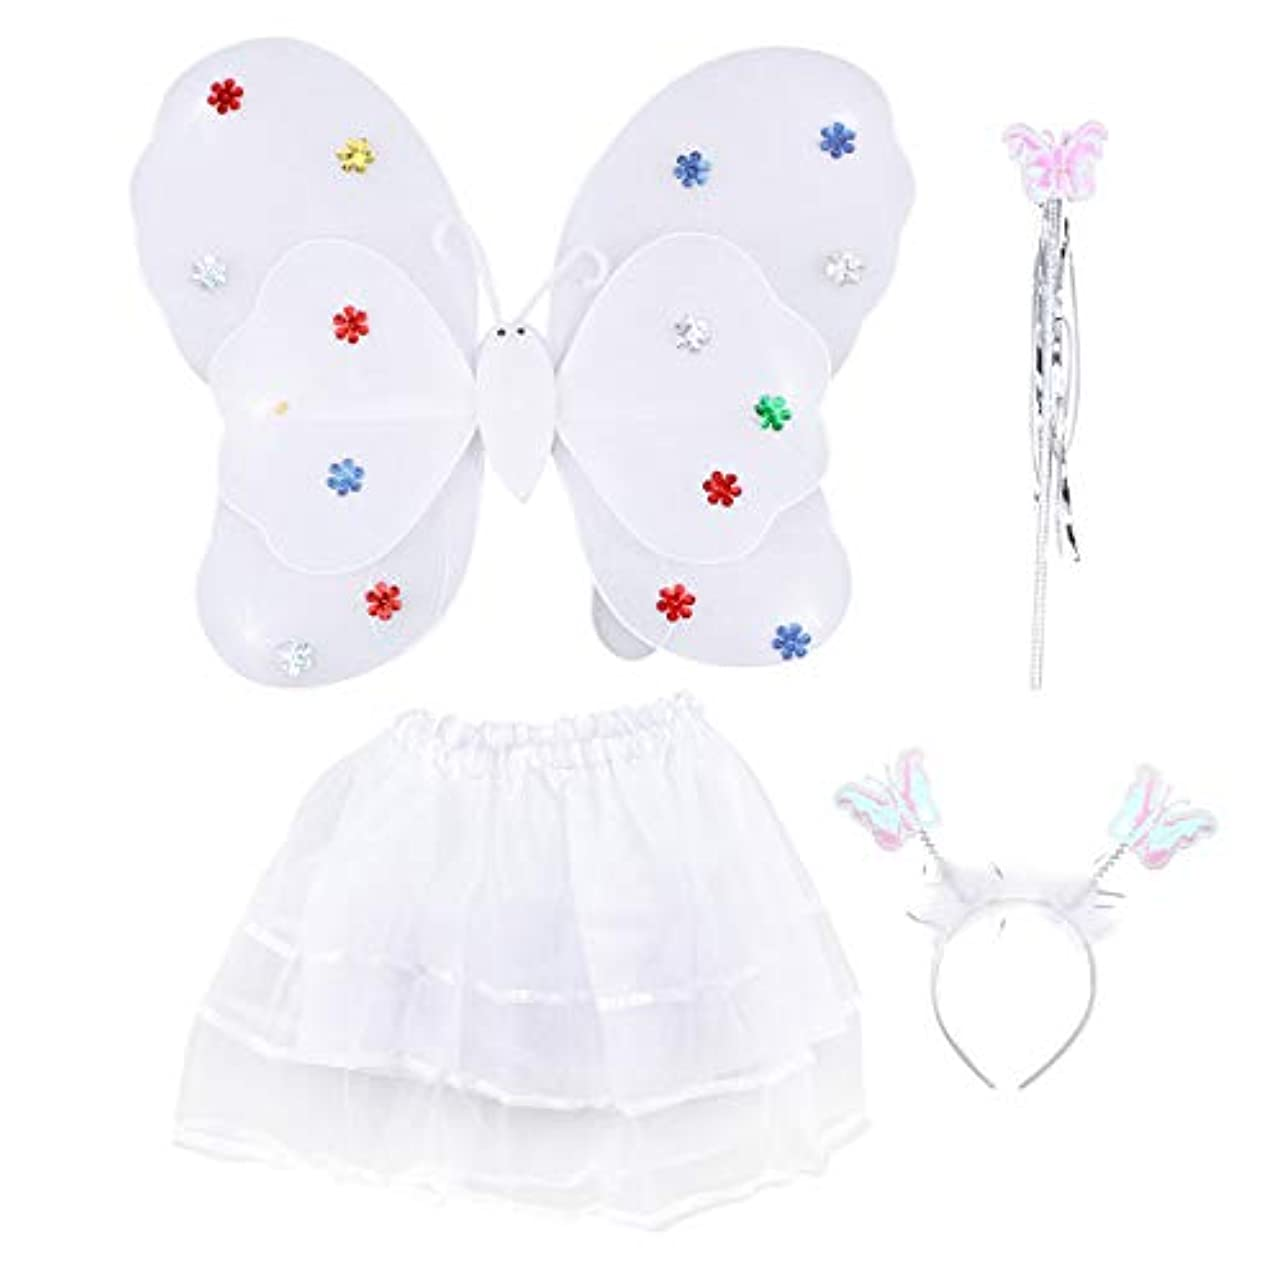 降雨仕出します審判Amosfun 4ピース女の子の妖精の王女の衣装セットLEDライトアップバタフライウィングワンドヘッドバンドチュチュスカート女の子のための子供子供(白)